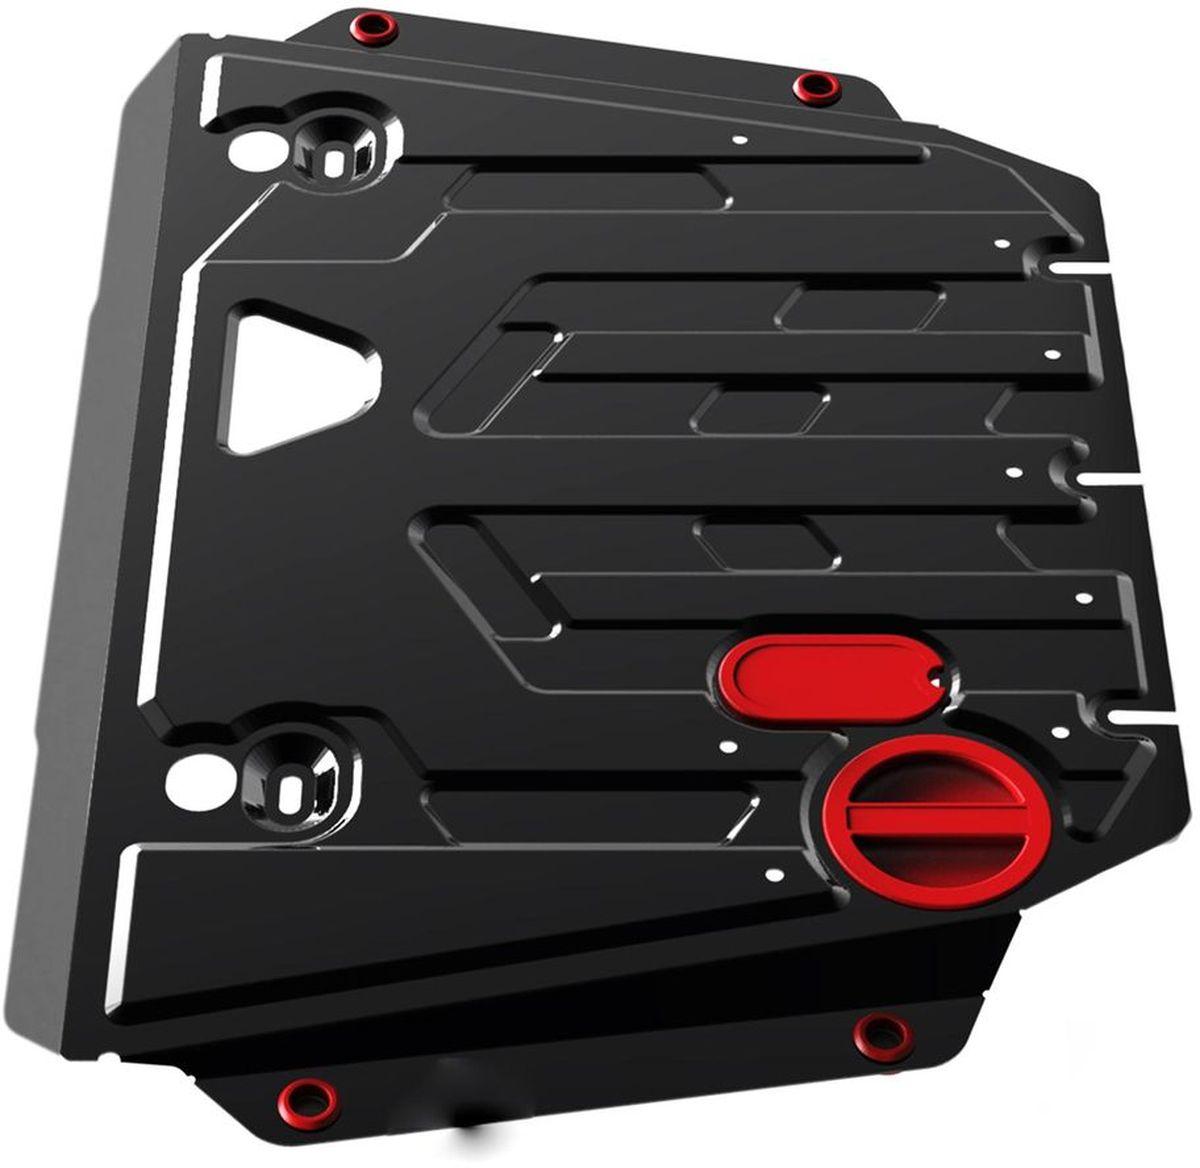 Защита картера и КПП Автоброня, для Fiat Albea V - 1,4 (2006-)111.01701.3Технологически совершенный продукт за невысокую стоимость. Защита разработана с учетом особенностей днища автомобиля, что позволяет сохранить дорожный просвет с минимальным изменением. Защита устанавливается в штатные места кузова автомобиля. Глубокий штамп обеспечивает до двух раз больше жесткости в сравнении с обычной защитой той же толщины. Проштампованные ребра жесткости препятствуют деформации защиты при ударах. Тепловой зазор и вентиляционные отверстия обеспечивают сохранение температурного режима двигателя в норме. Скрытый крепеж предотвращает срыв крепежных элементов при наезде на препятствие. Шумопоглощающие резиновые элементы обеспечивают комфортную езду без вибраций и скрежета металла, а съемные лючки для слива масла и замены фильтра - экономию средств и время. Конструкция изделия не влияет на пассивную безопасность автомобиля (при ударе защита не воздействует на деформационные зоны кузова). Со штатным крепежом. В комплекте инструкция по установке....